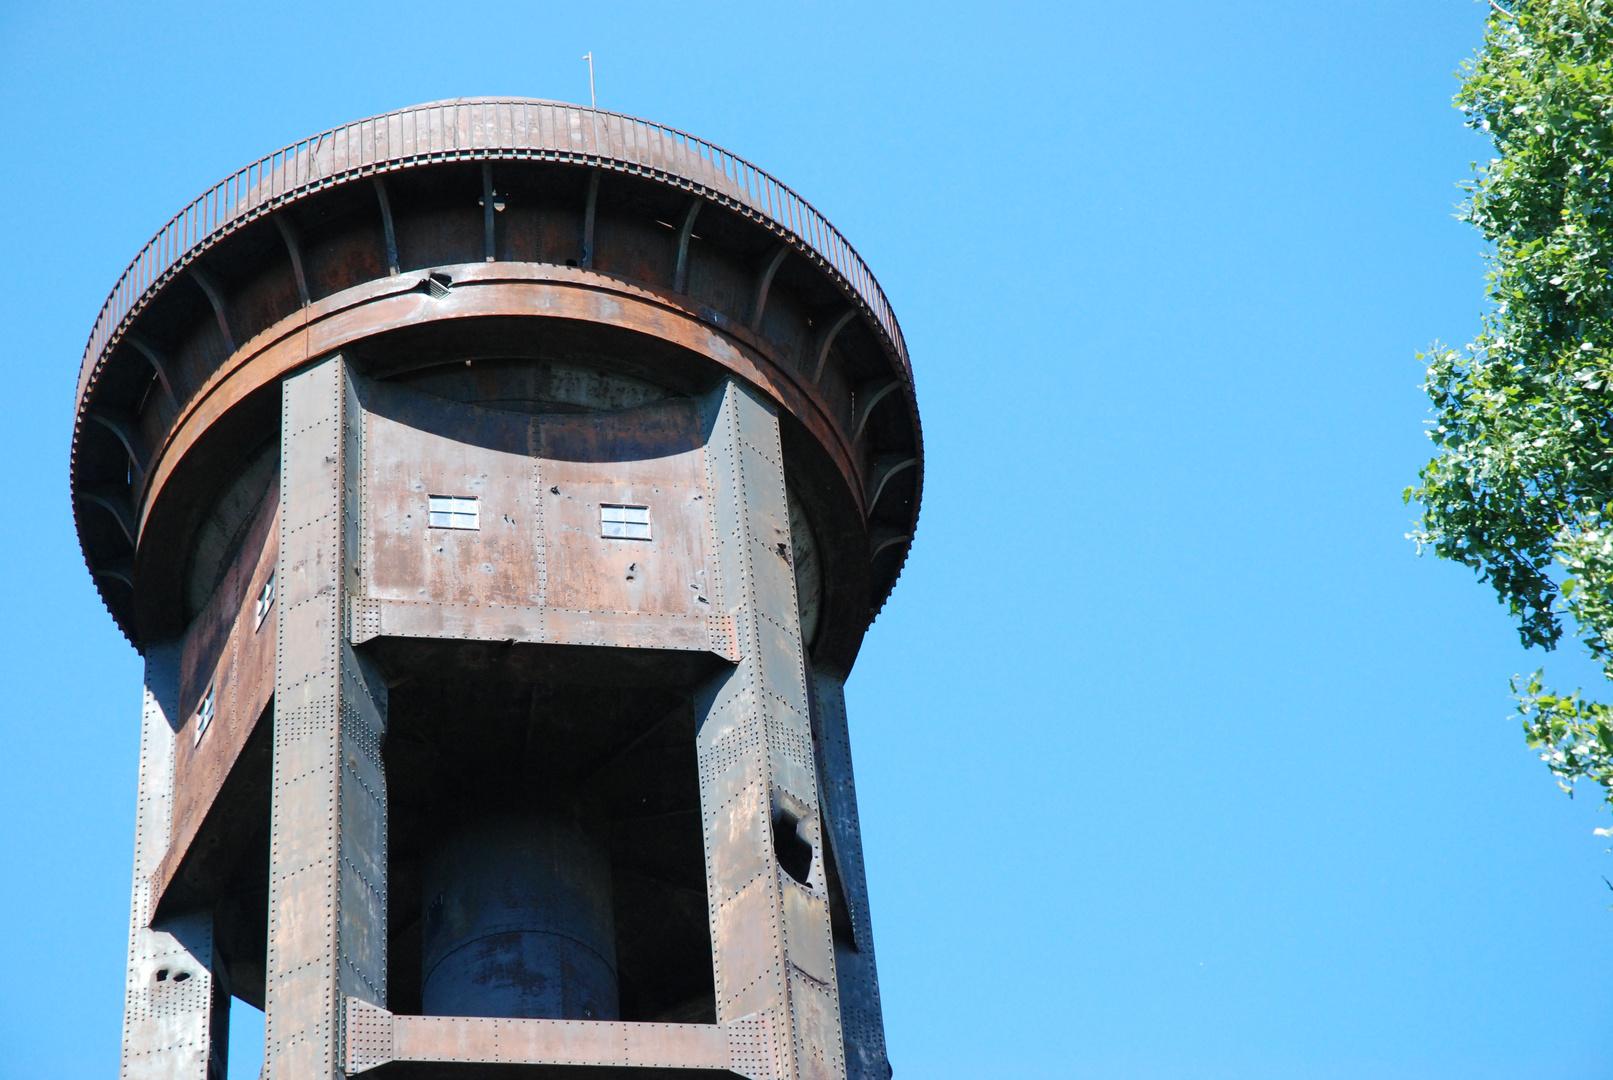 Wasserturm auf dem Schöneberger Südgelände / Auch das ist Berlin